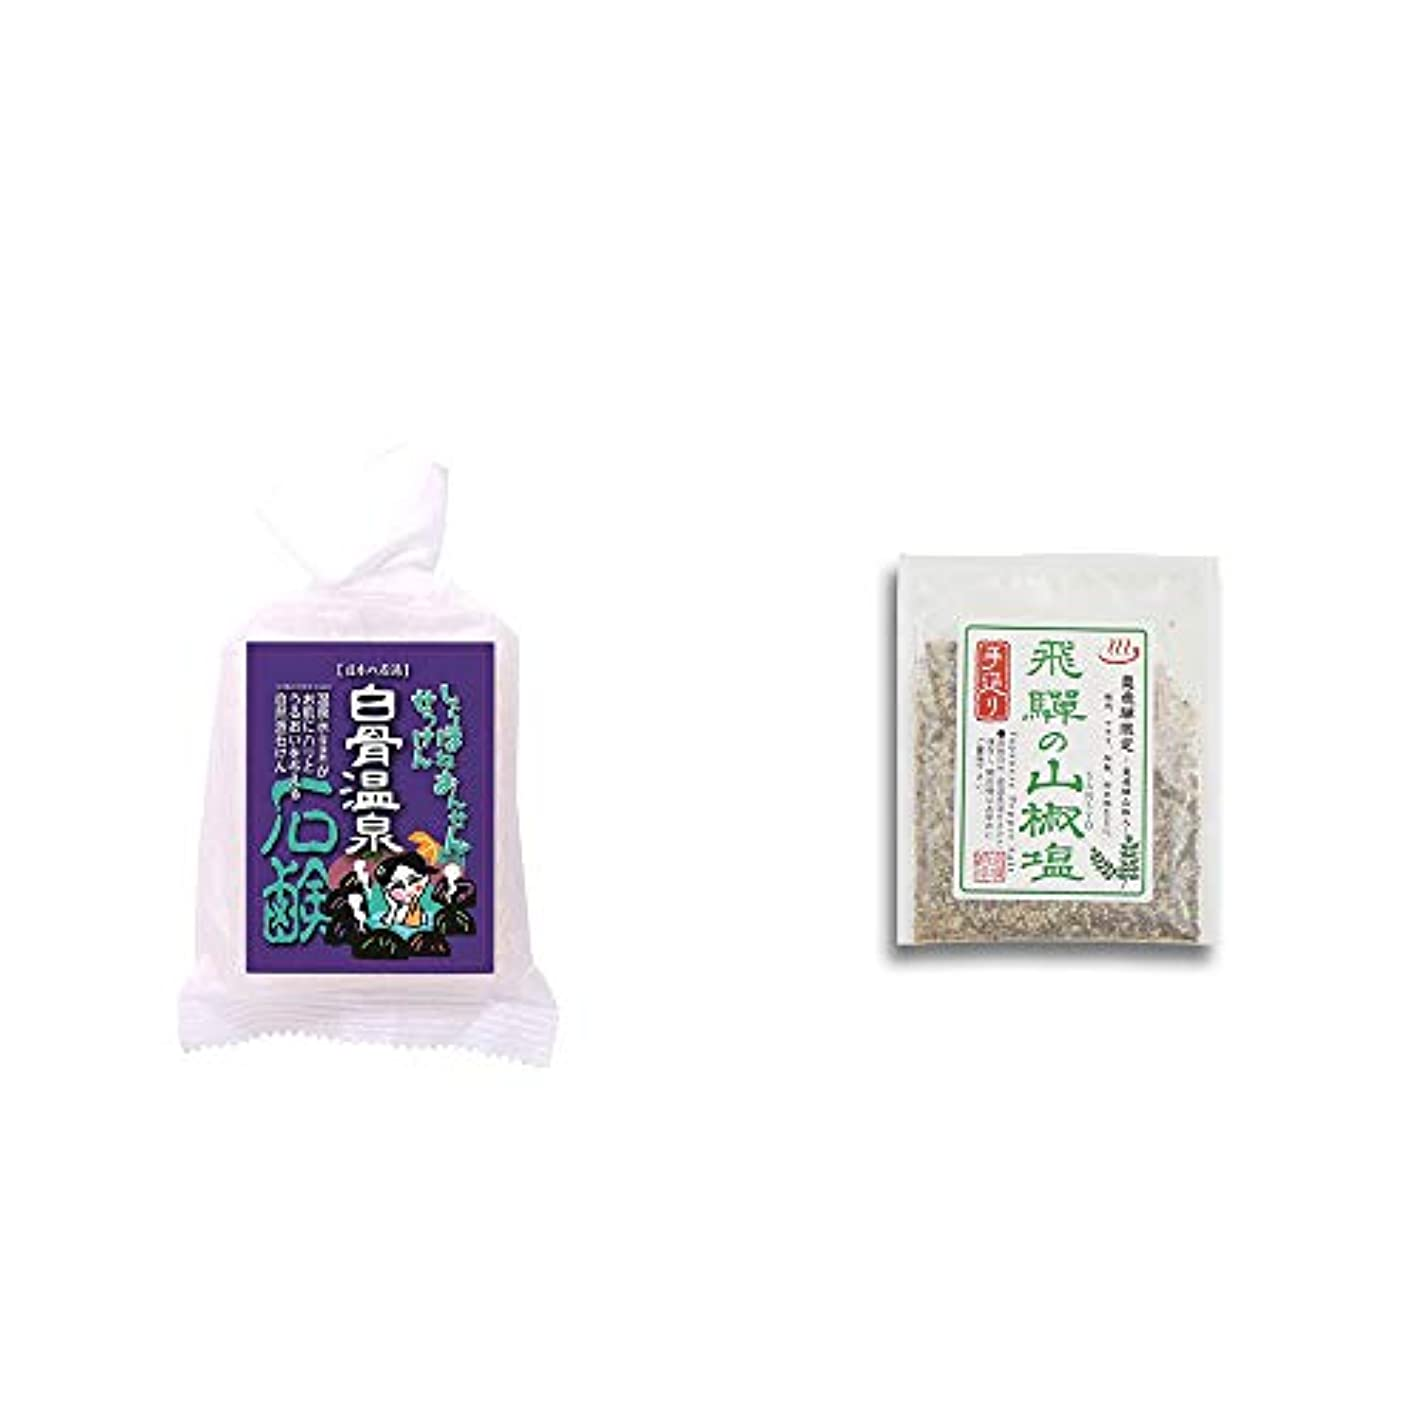 広告無人垂直[2点セット] 信州 白骨温泉石鹸(80g)?手造り 飛騨の山椒塩(40g)